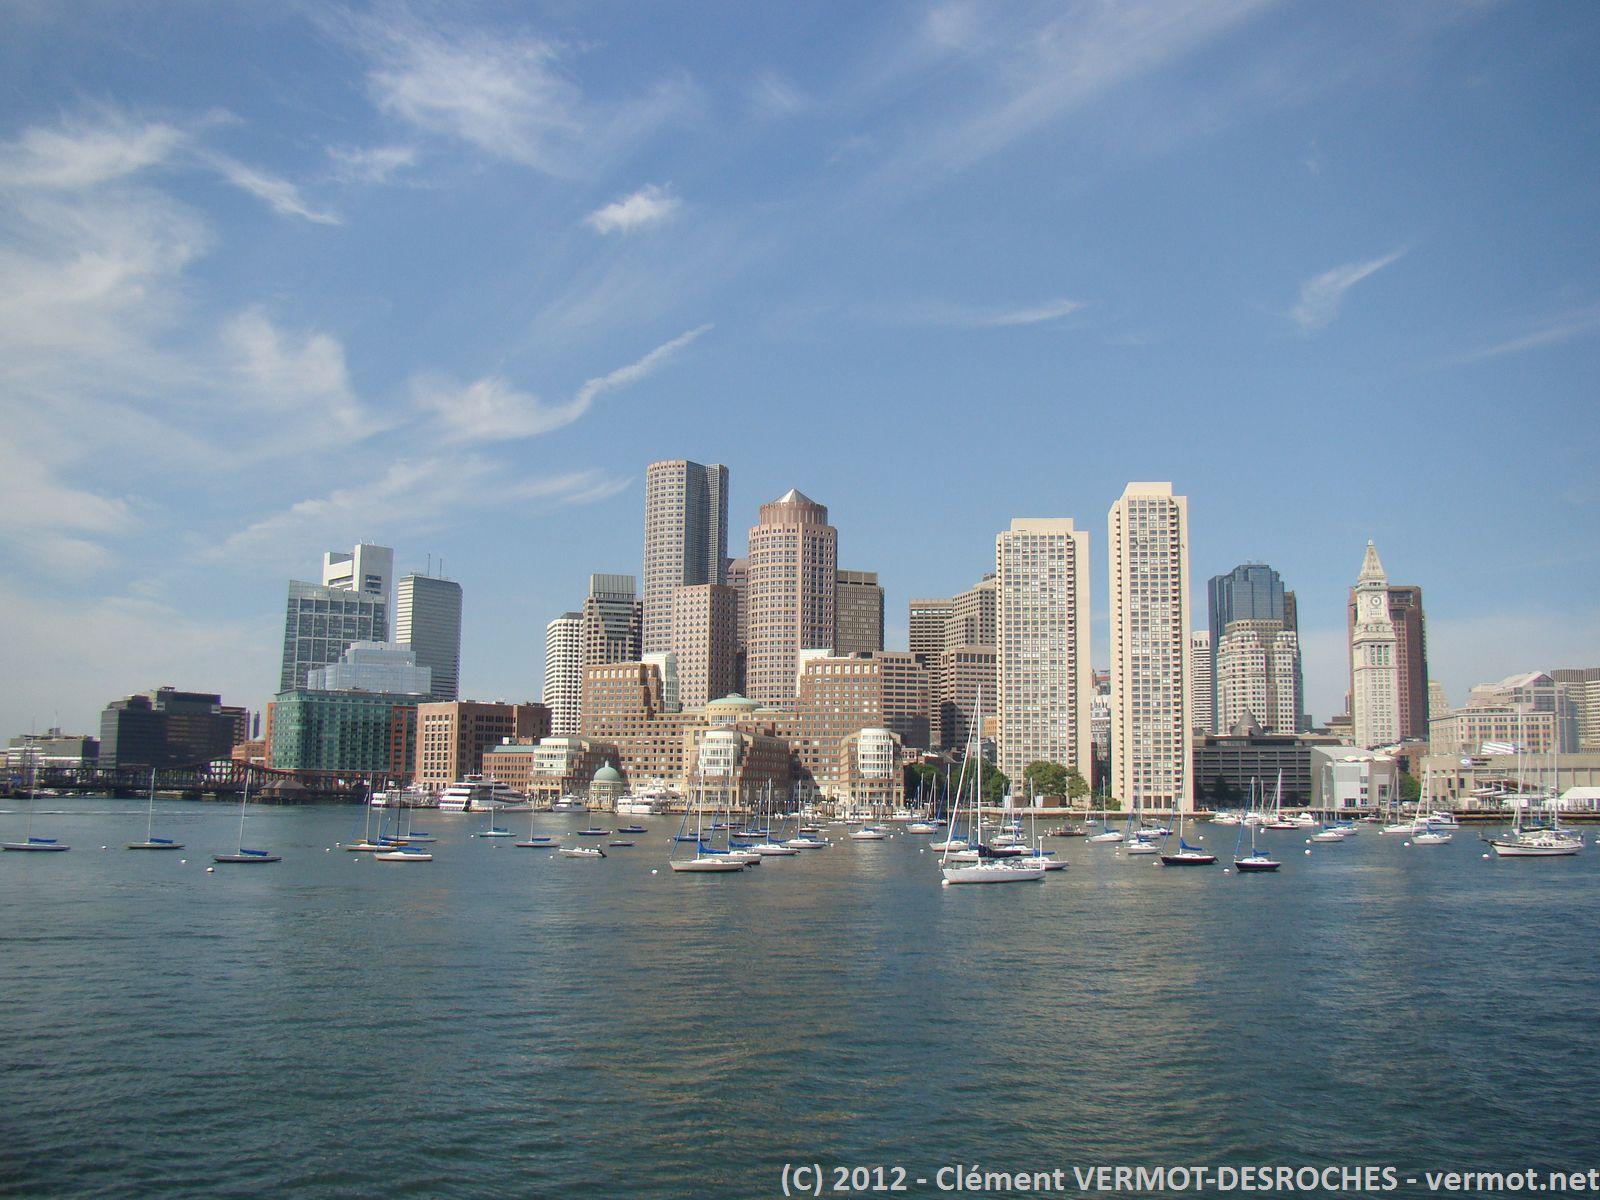 Départ pour le parc naturel pour voir les balènnes, superbe vue sur Boston